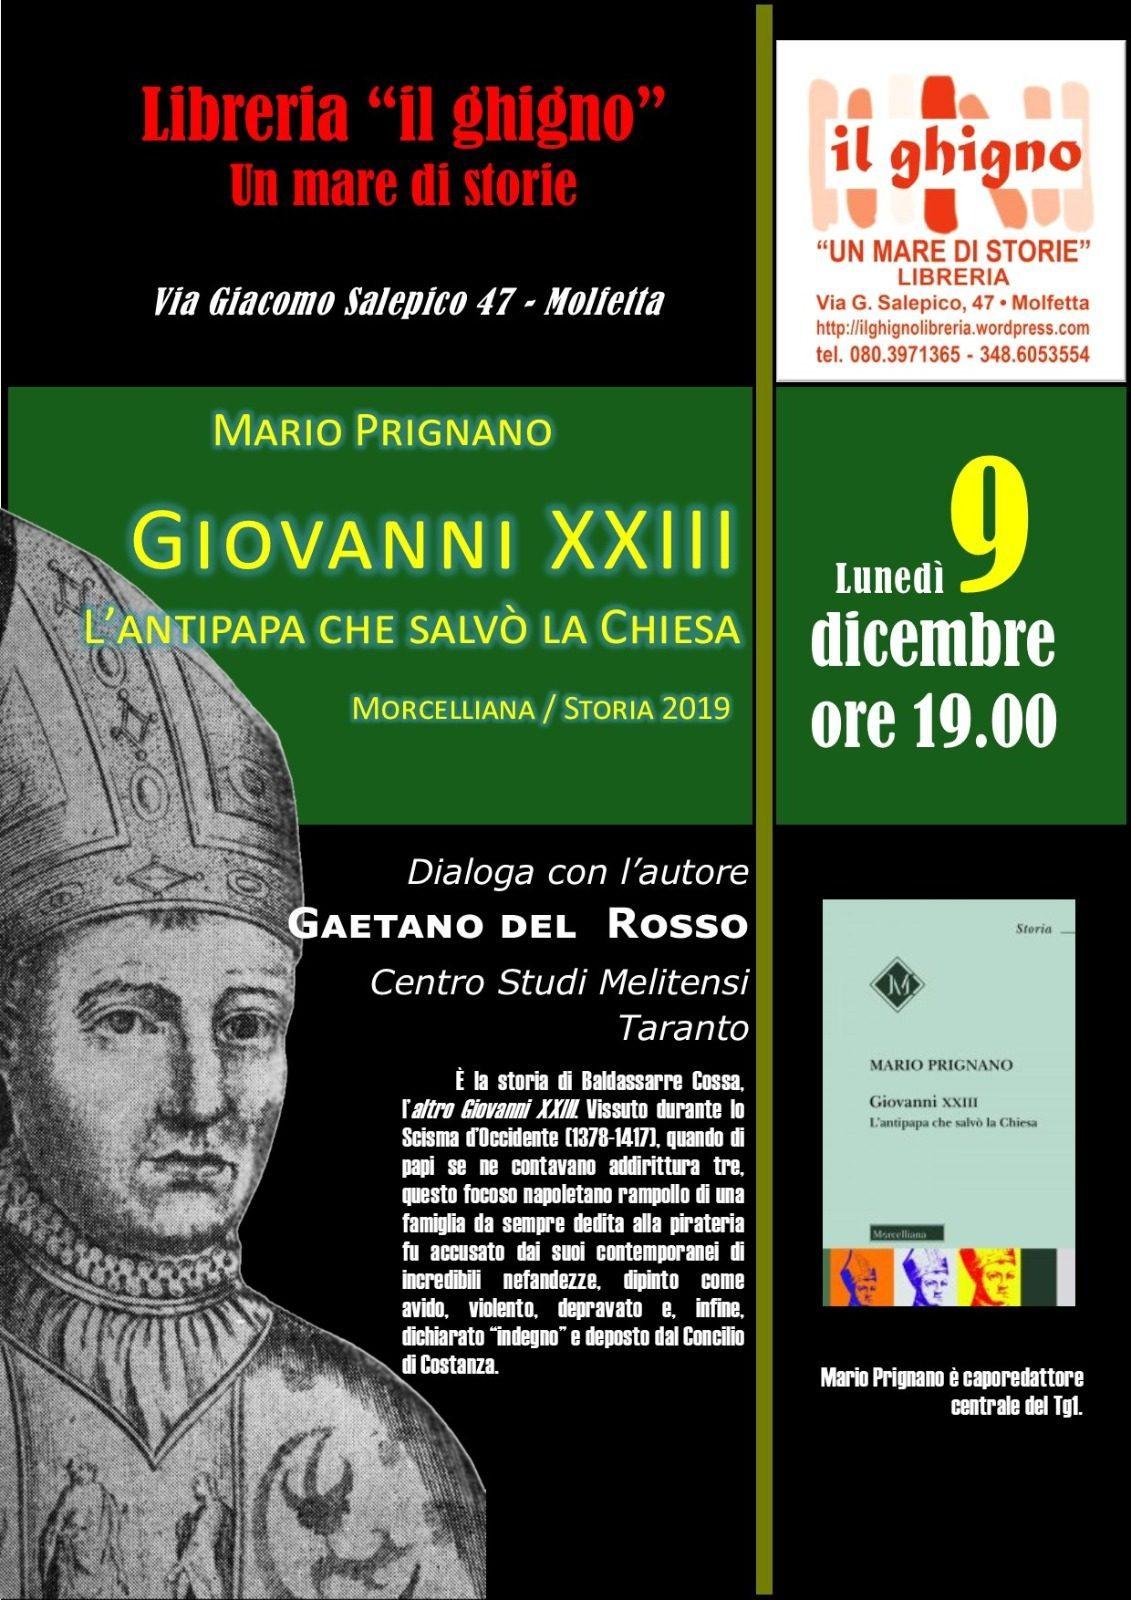 6 dicembre Prignano Molfetta.jpg